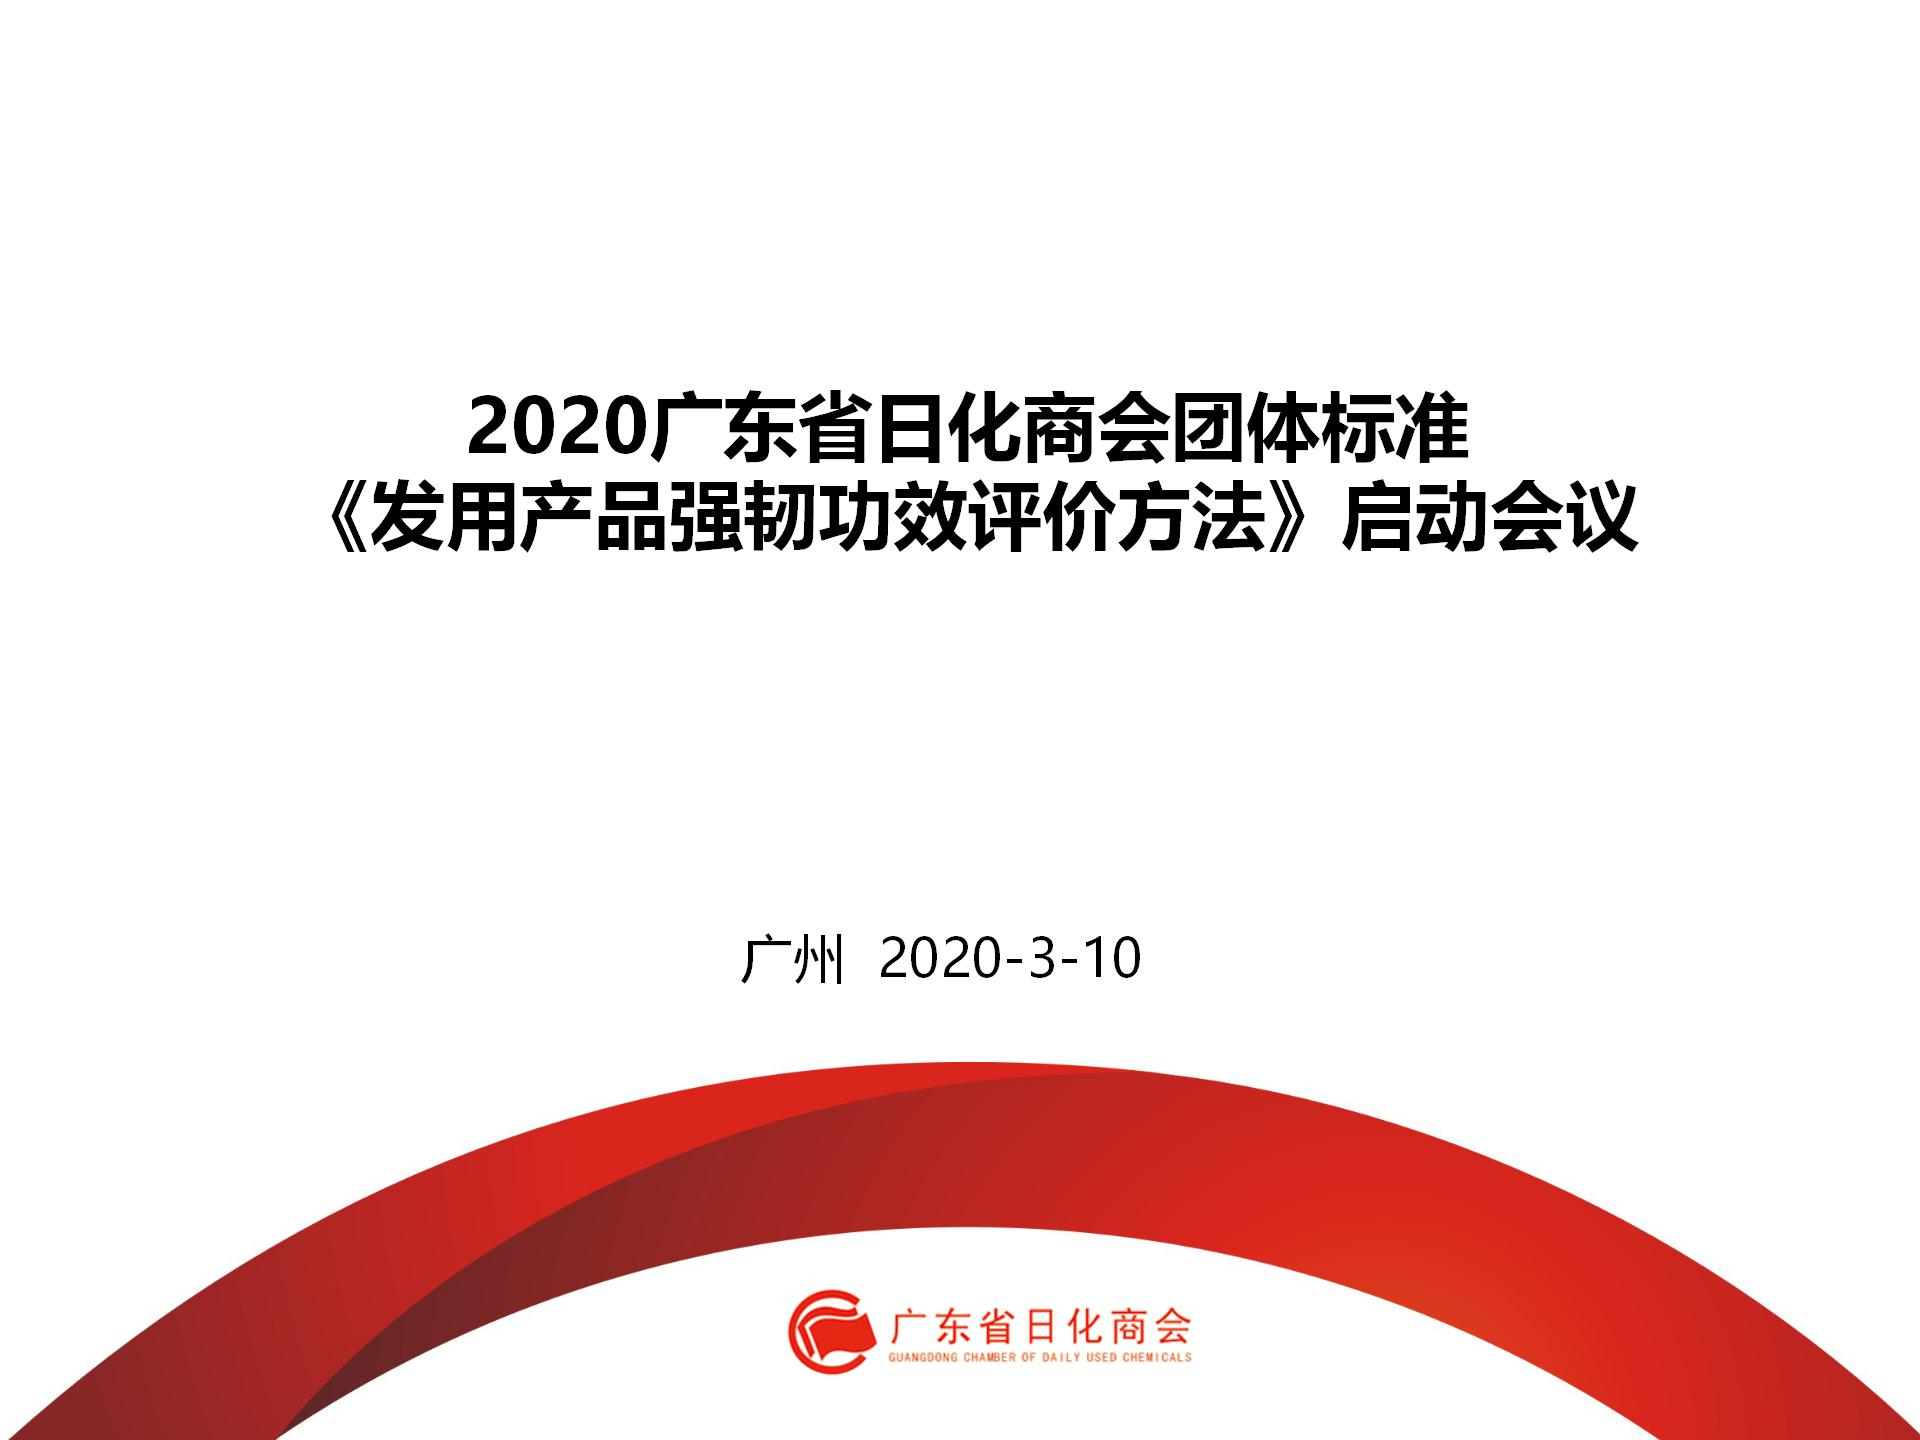 2020广东省威廉希尔手机app下载商会团体标准《发用产品强韧功效评价方法》项目启动会议顺利召开!